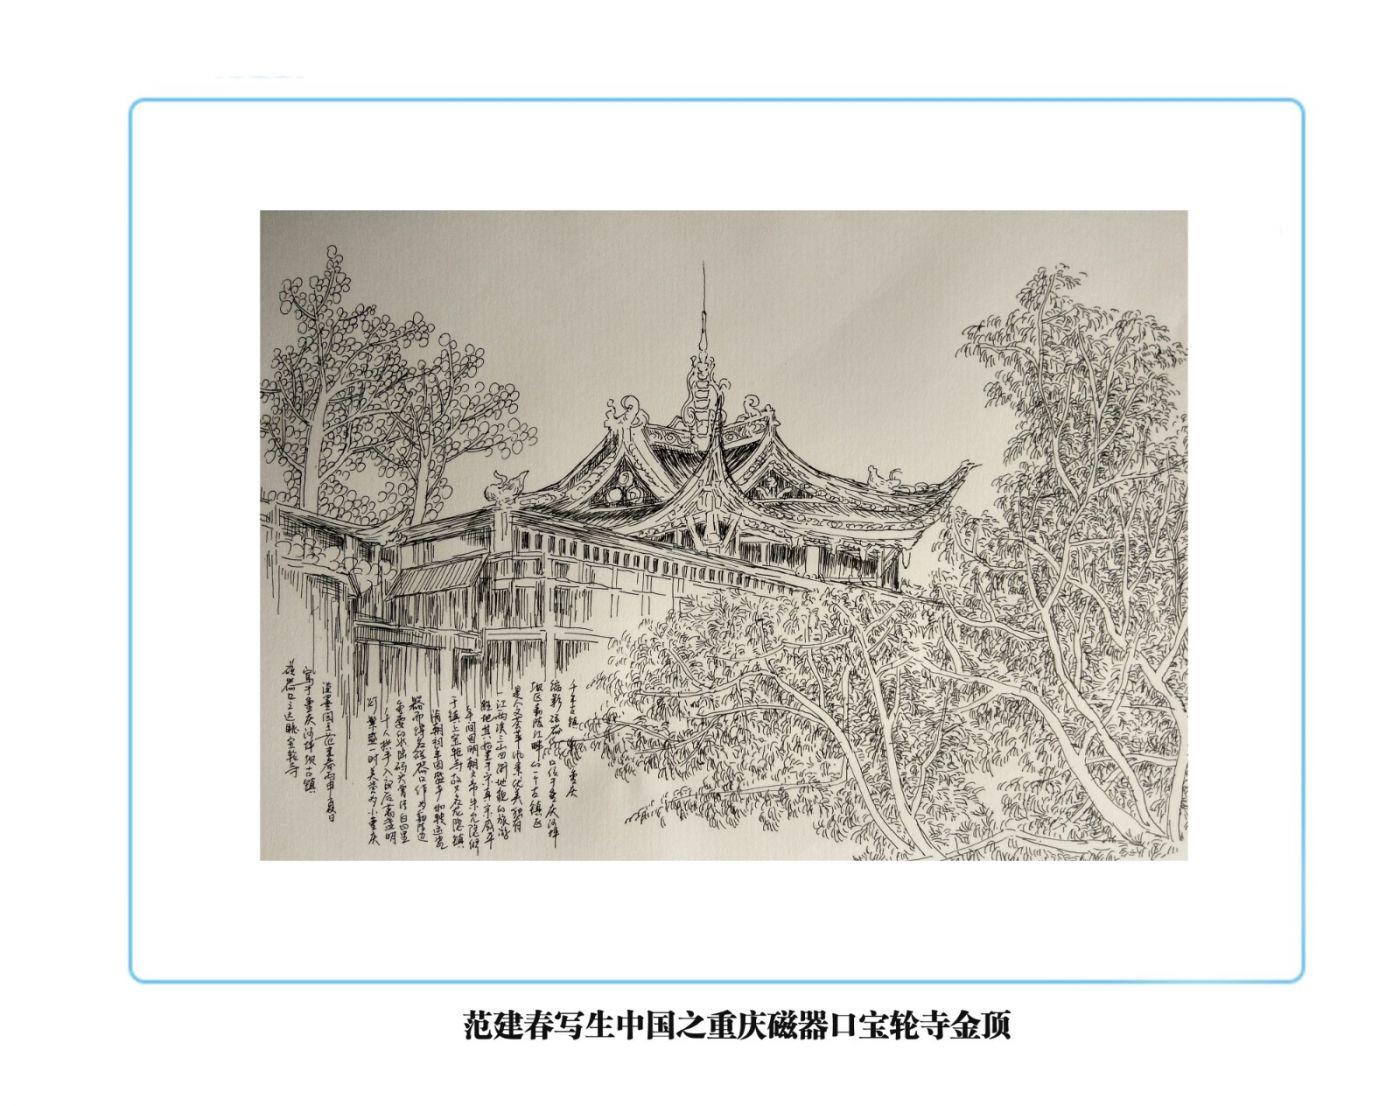 写生中国部分写生稿_图1-3